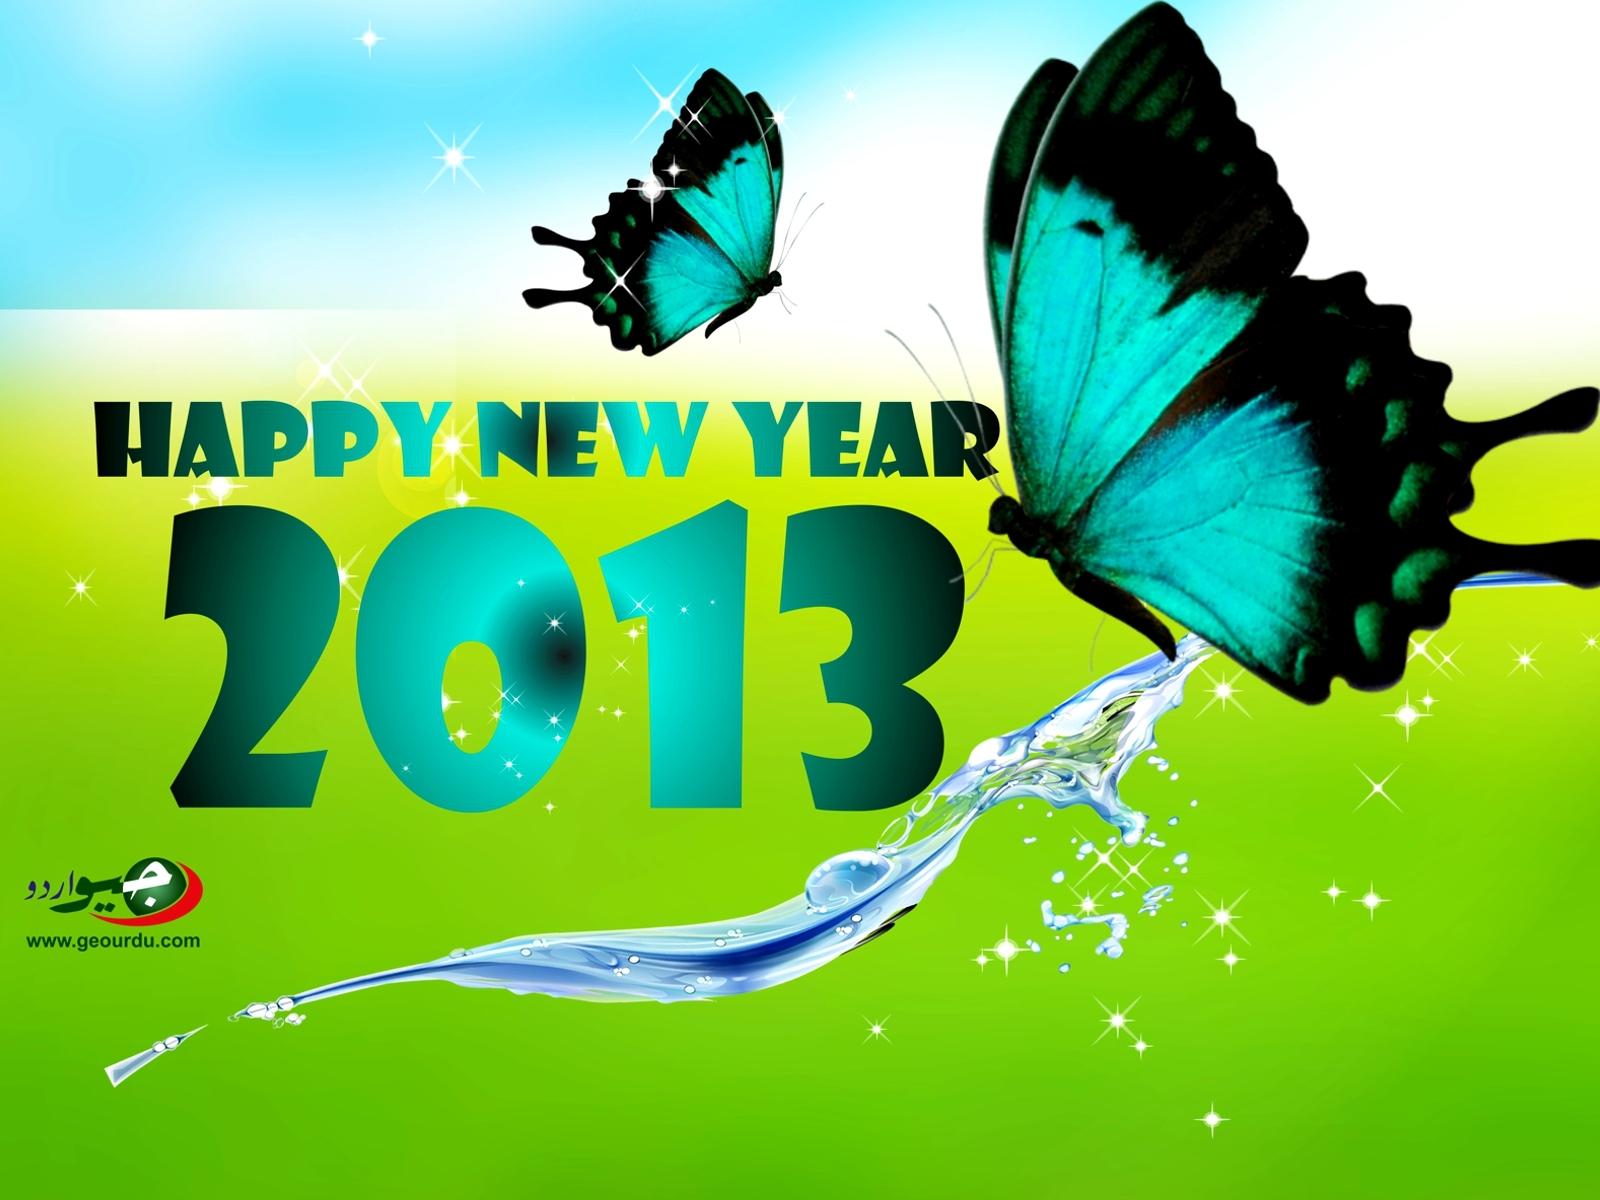 http://3.bp.blogspot.com/-G0uZMYqNnQk/UM7B-TmZ8yI/AAAAAAAA78I/CicXX1Nu778/s1600/hinh+nen+do+phan+giai+cao+2013+%282%29.jpg